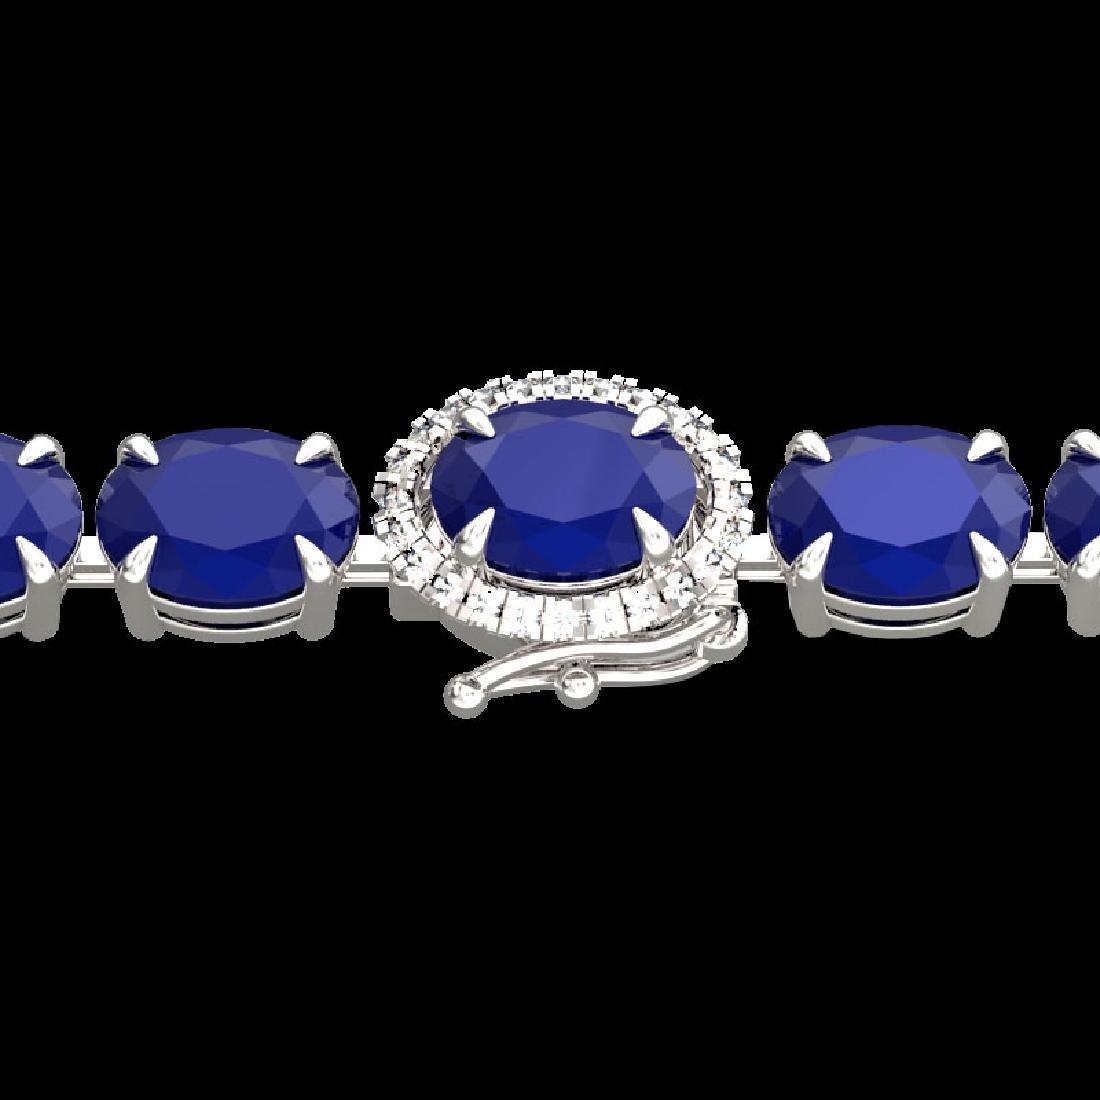 37 CTW Sapphire & VS/SI Diamond Tennis Micro Pave Halo